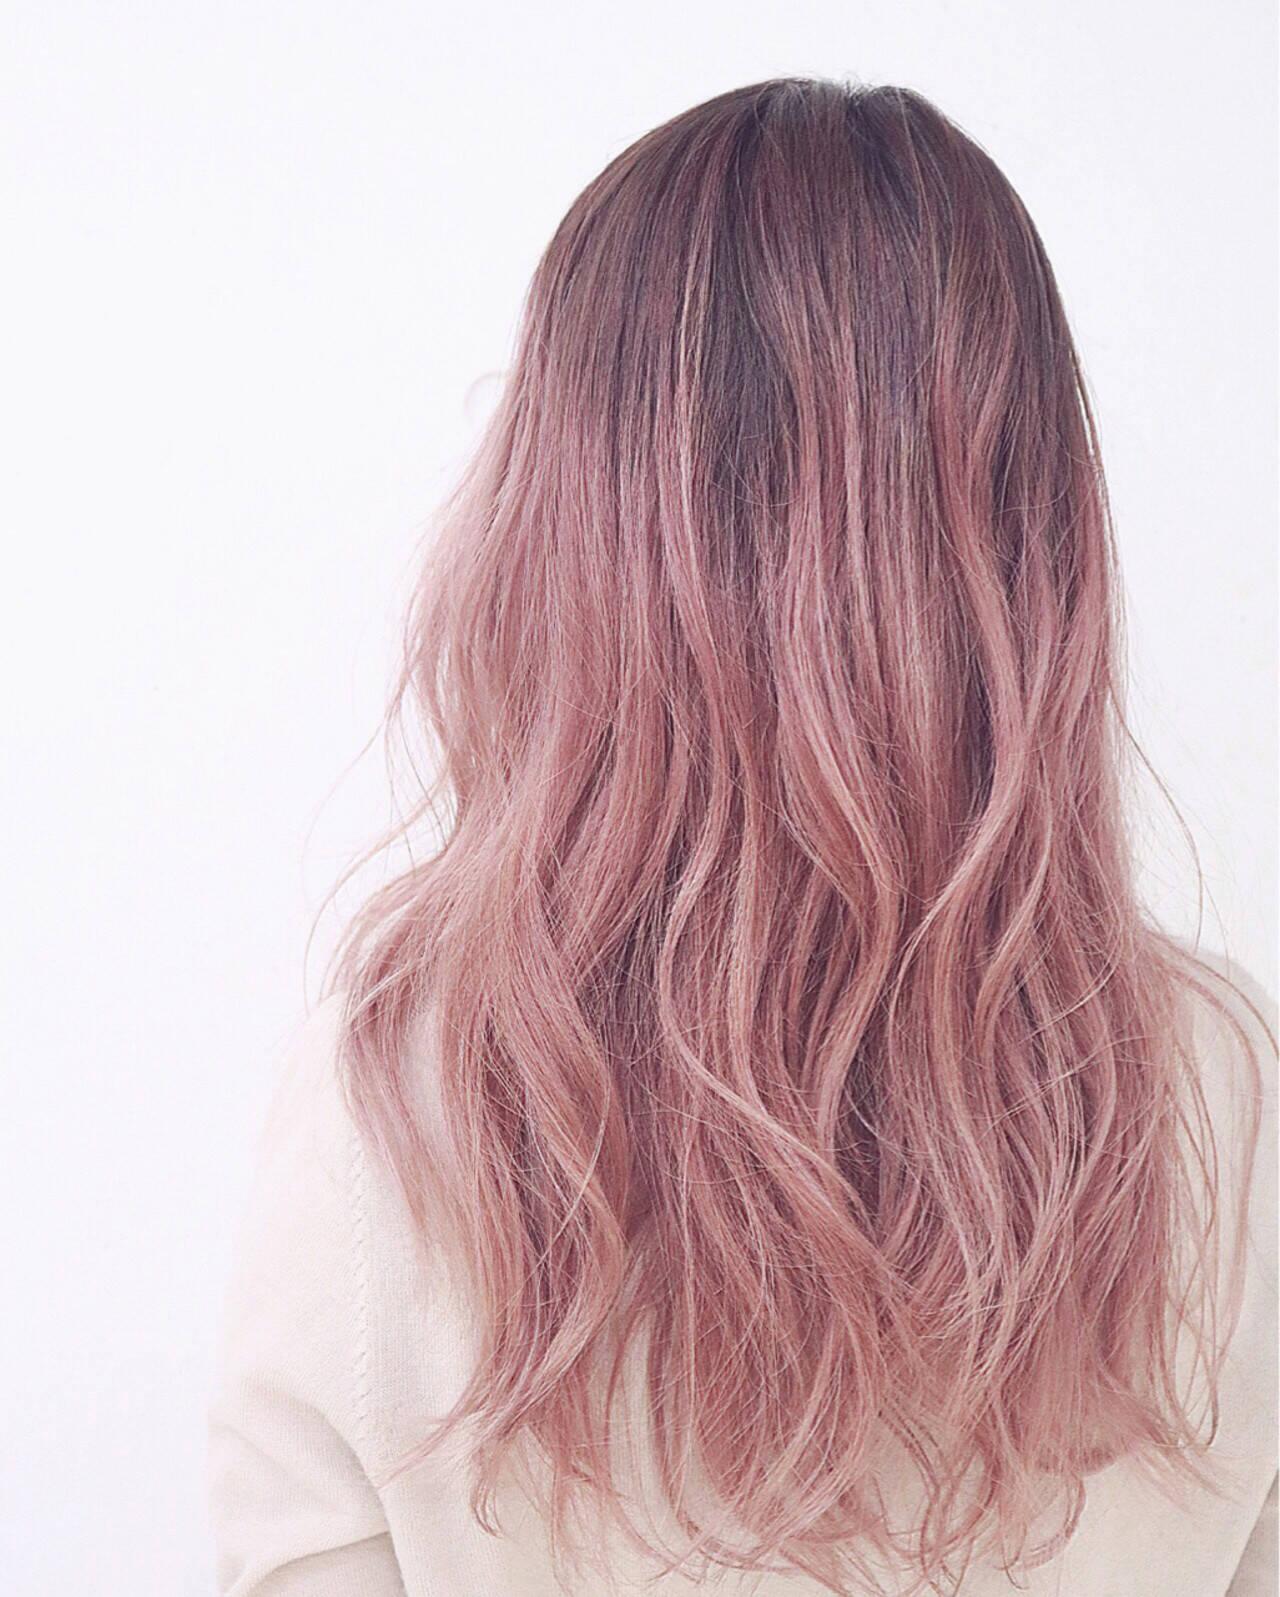 ストリート ピンク 外国人風 ミディアムヘアスタイルや髪型の写真・画像